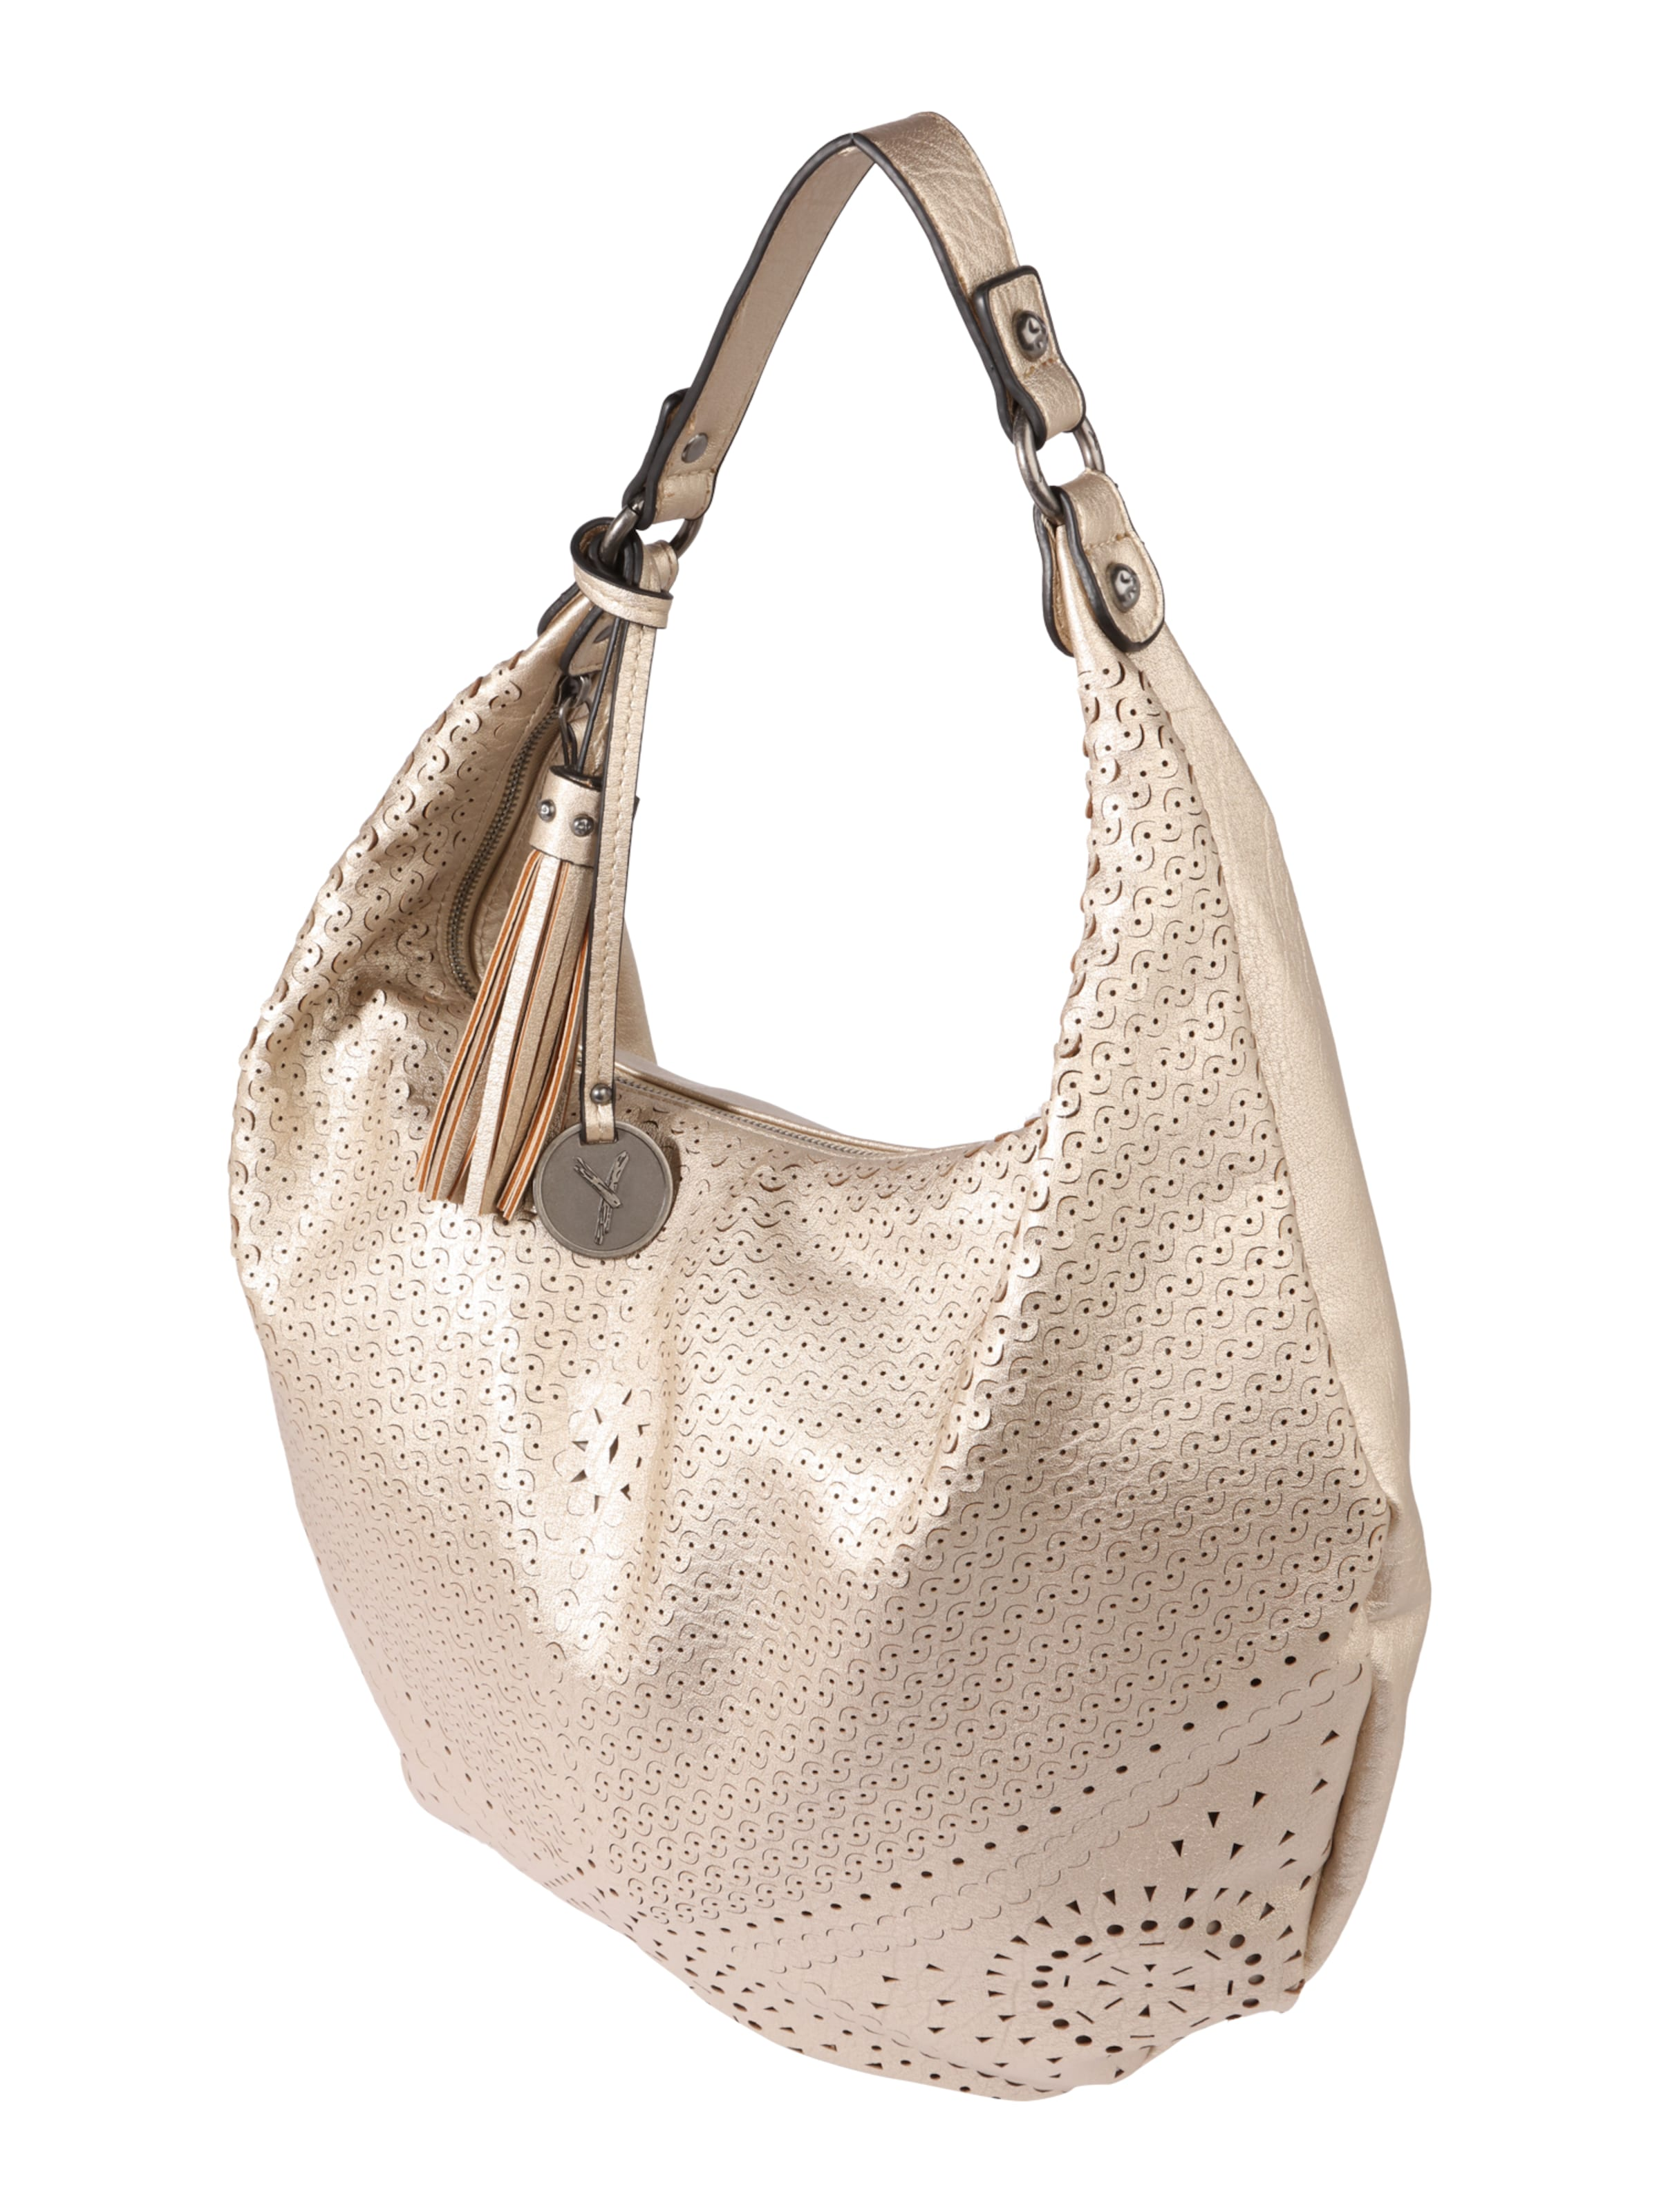 Niedriger Preis Zu Verkaufen Suri Frey Hobo Bag 'May' Hochwertige Billig Bester Shop Zum Kauf Billige Usa Händler stR7IaP